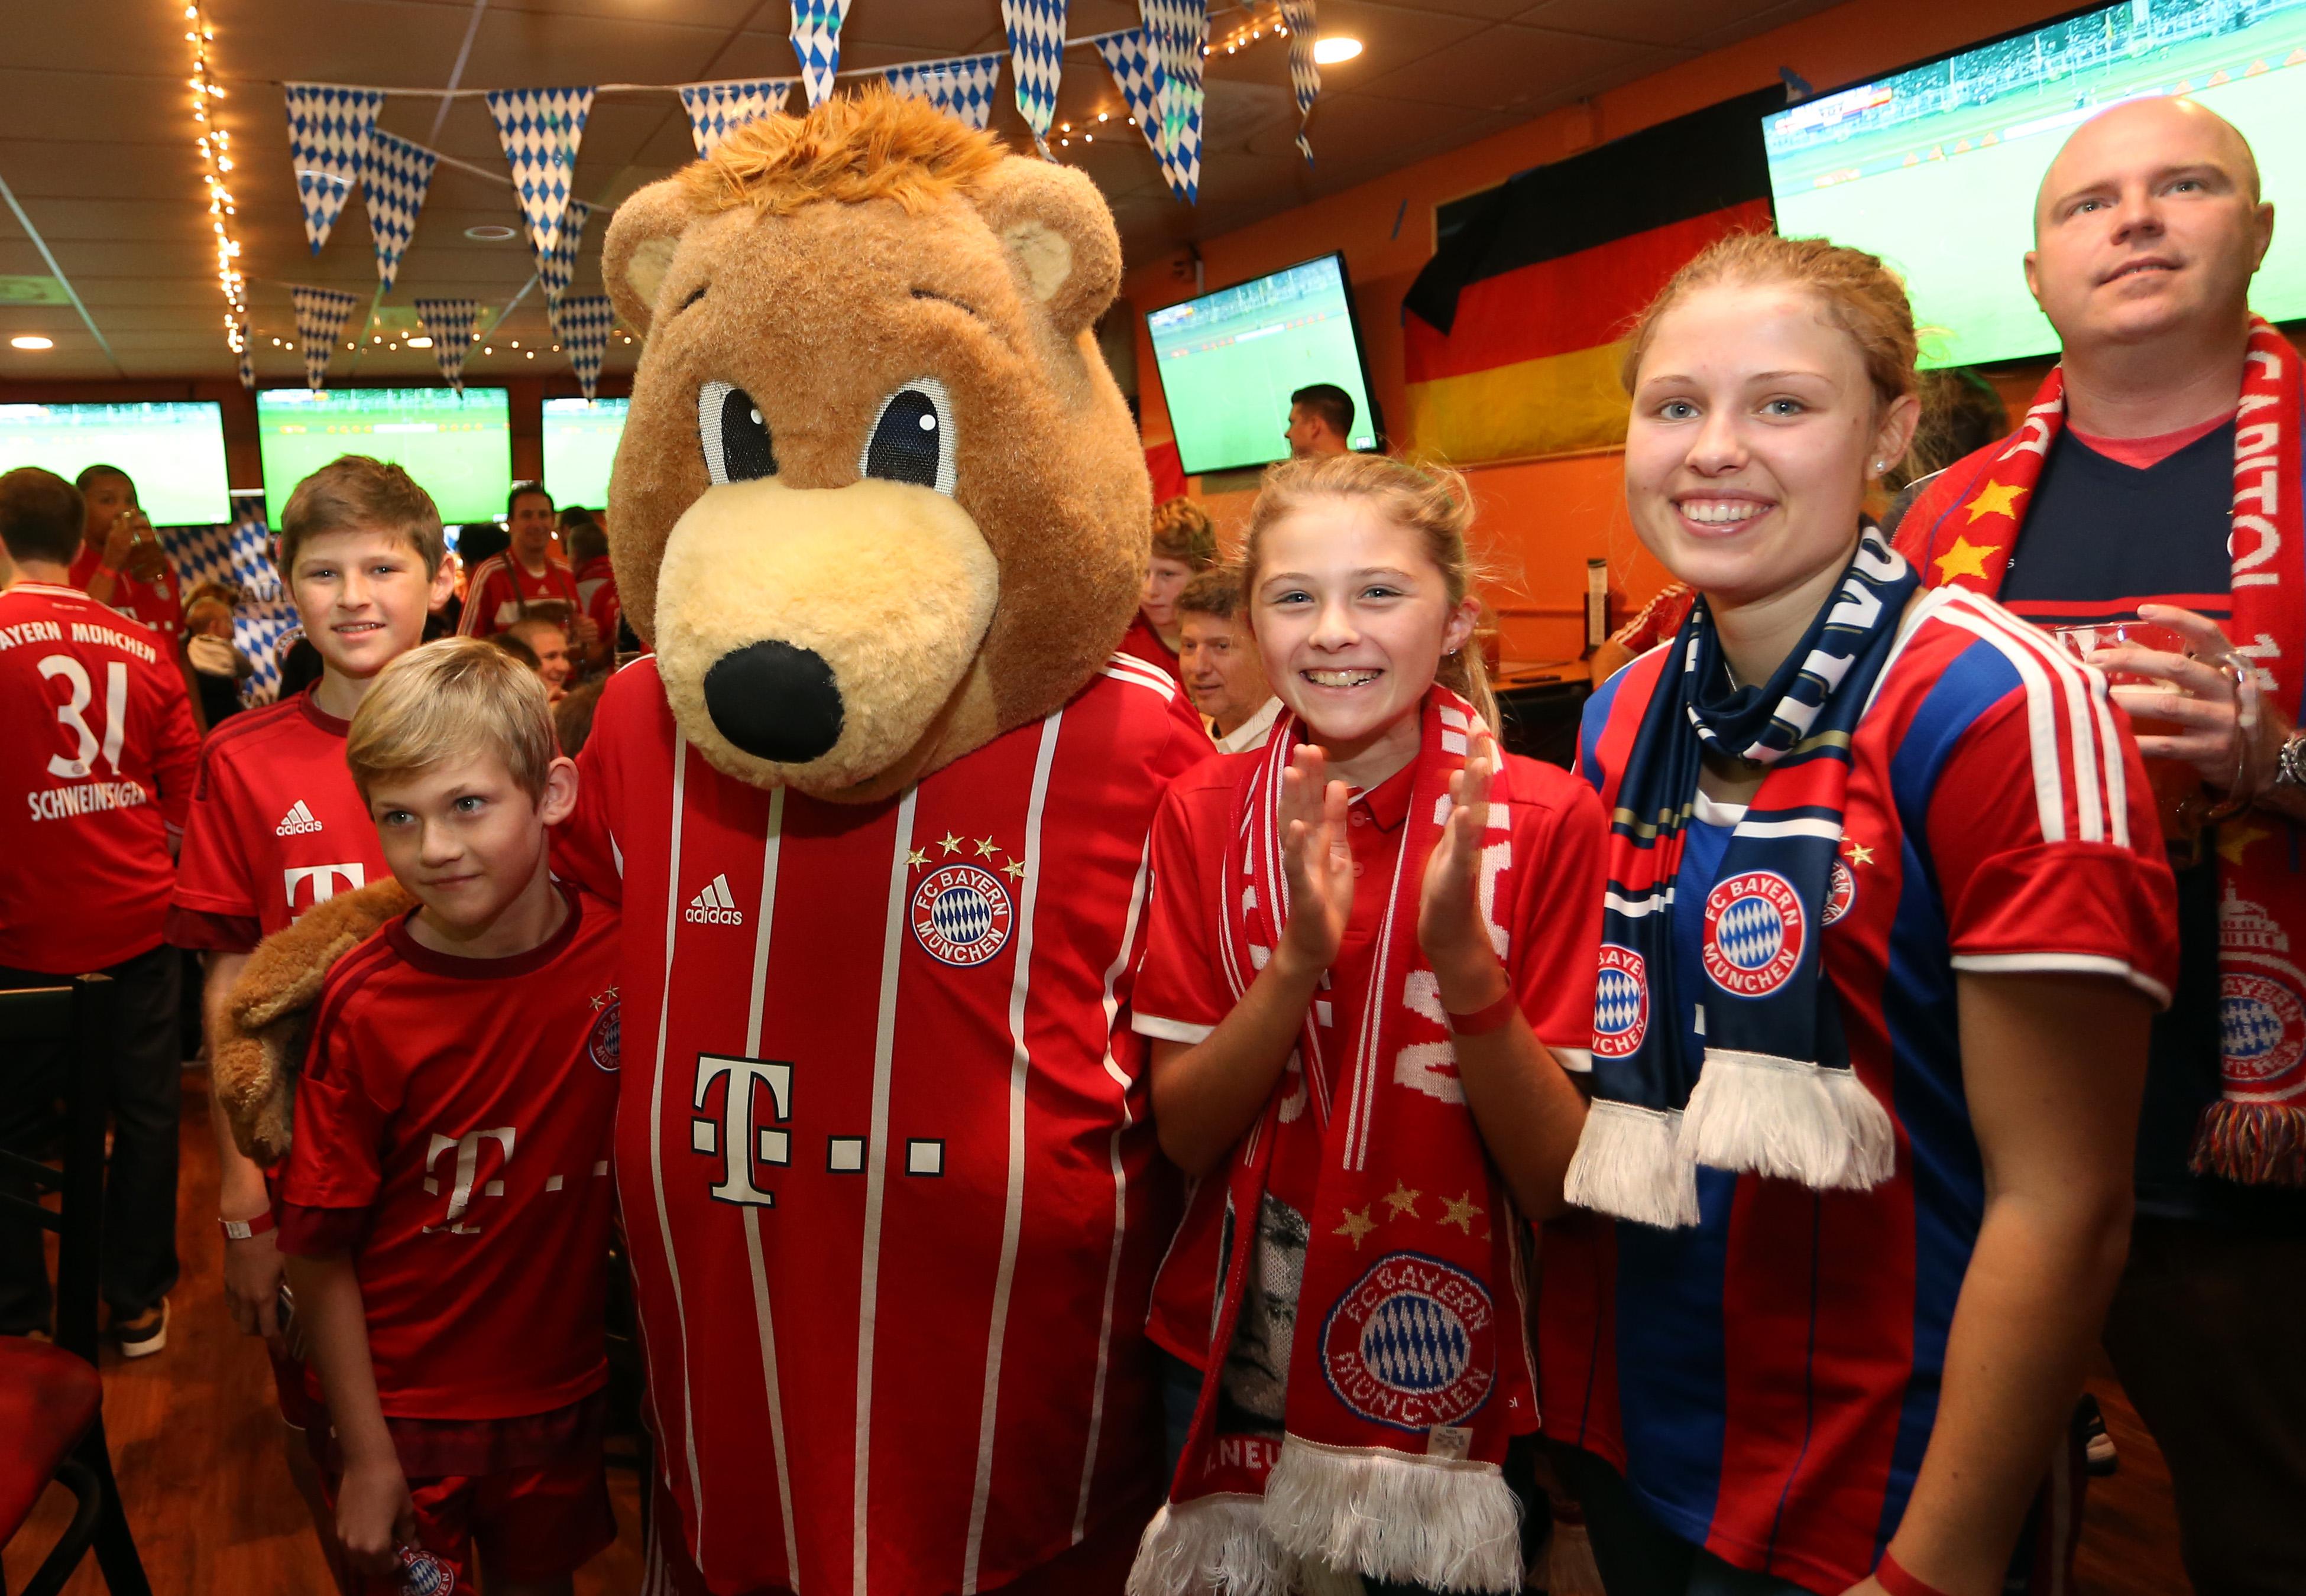 Berni, Bayern Munich